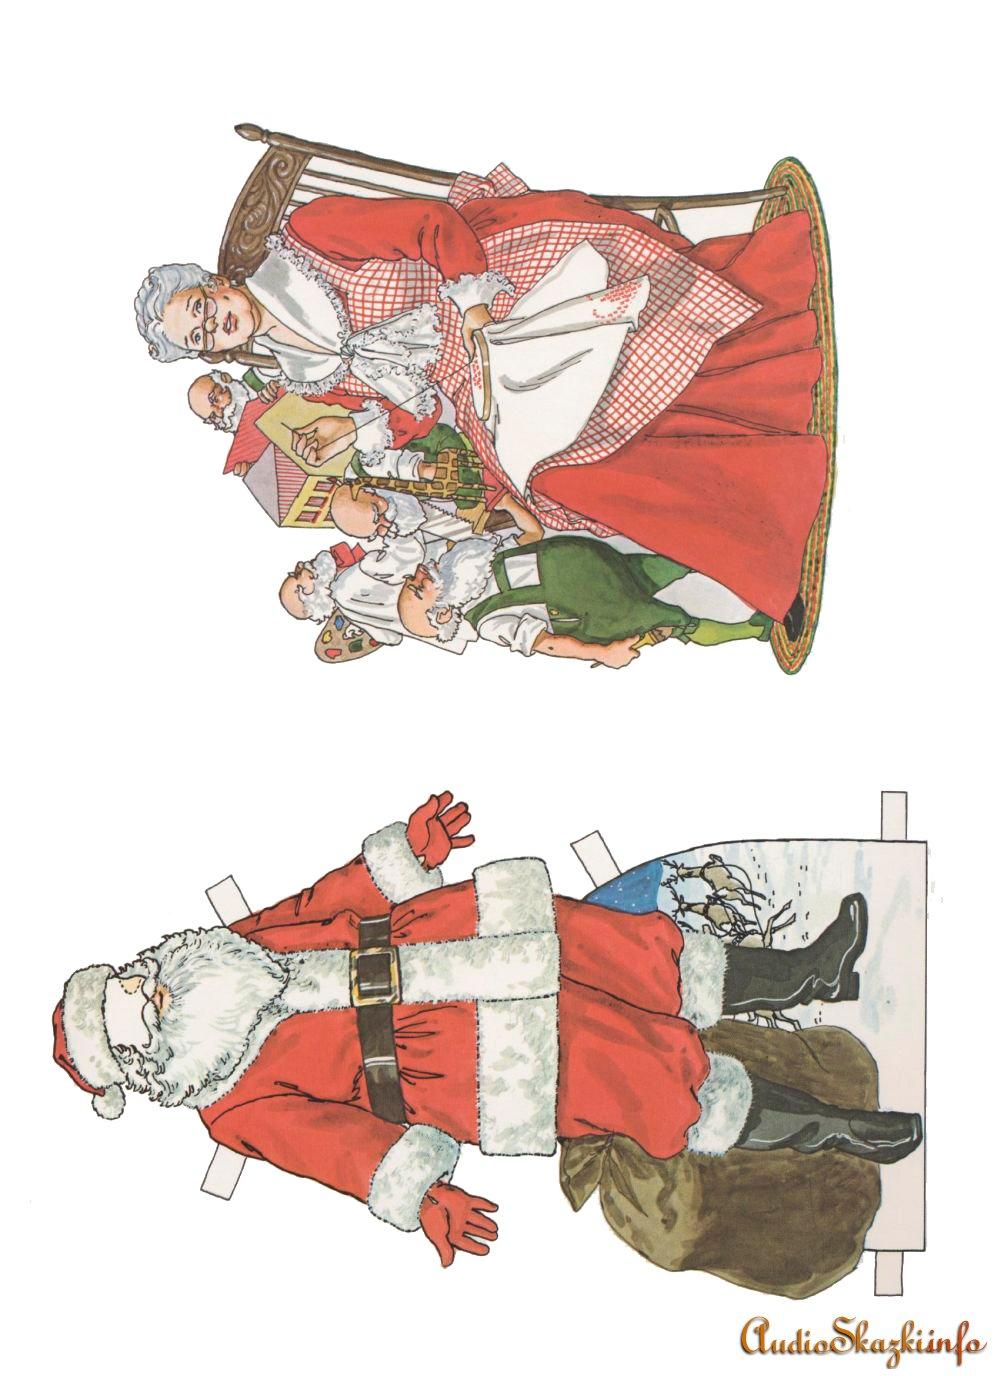 Дед Мороз с набором одежды для вырезания